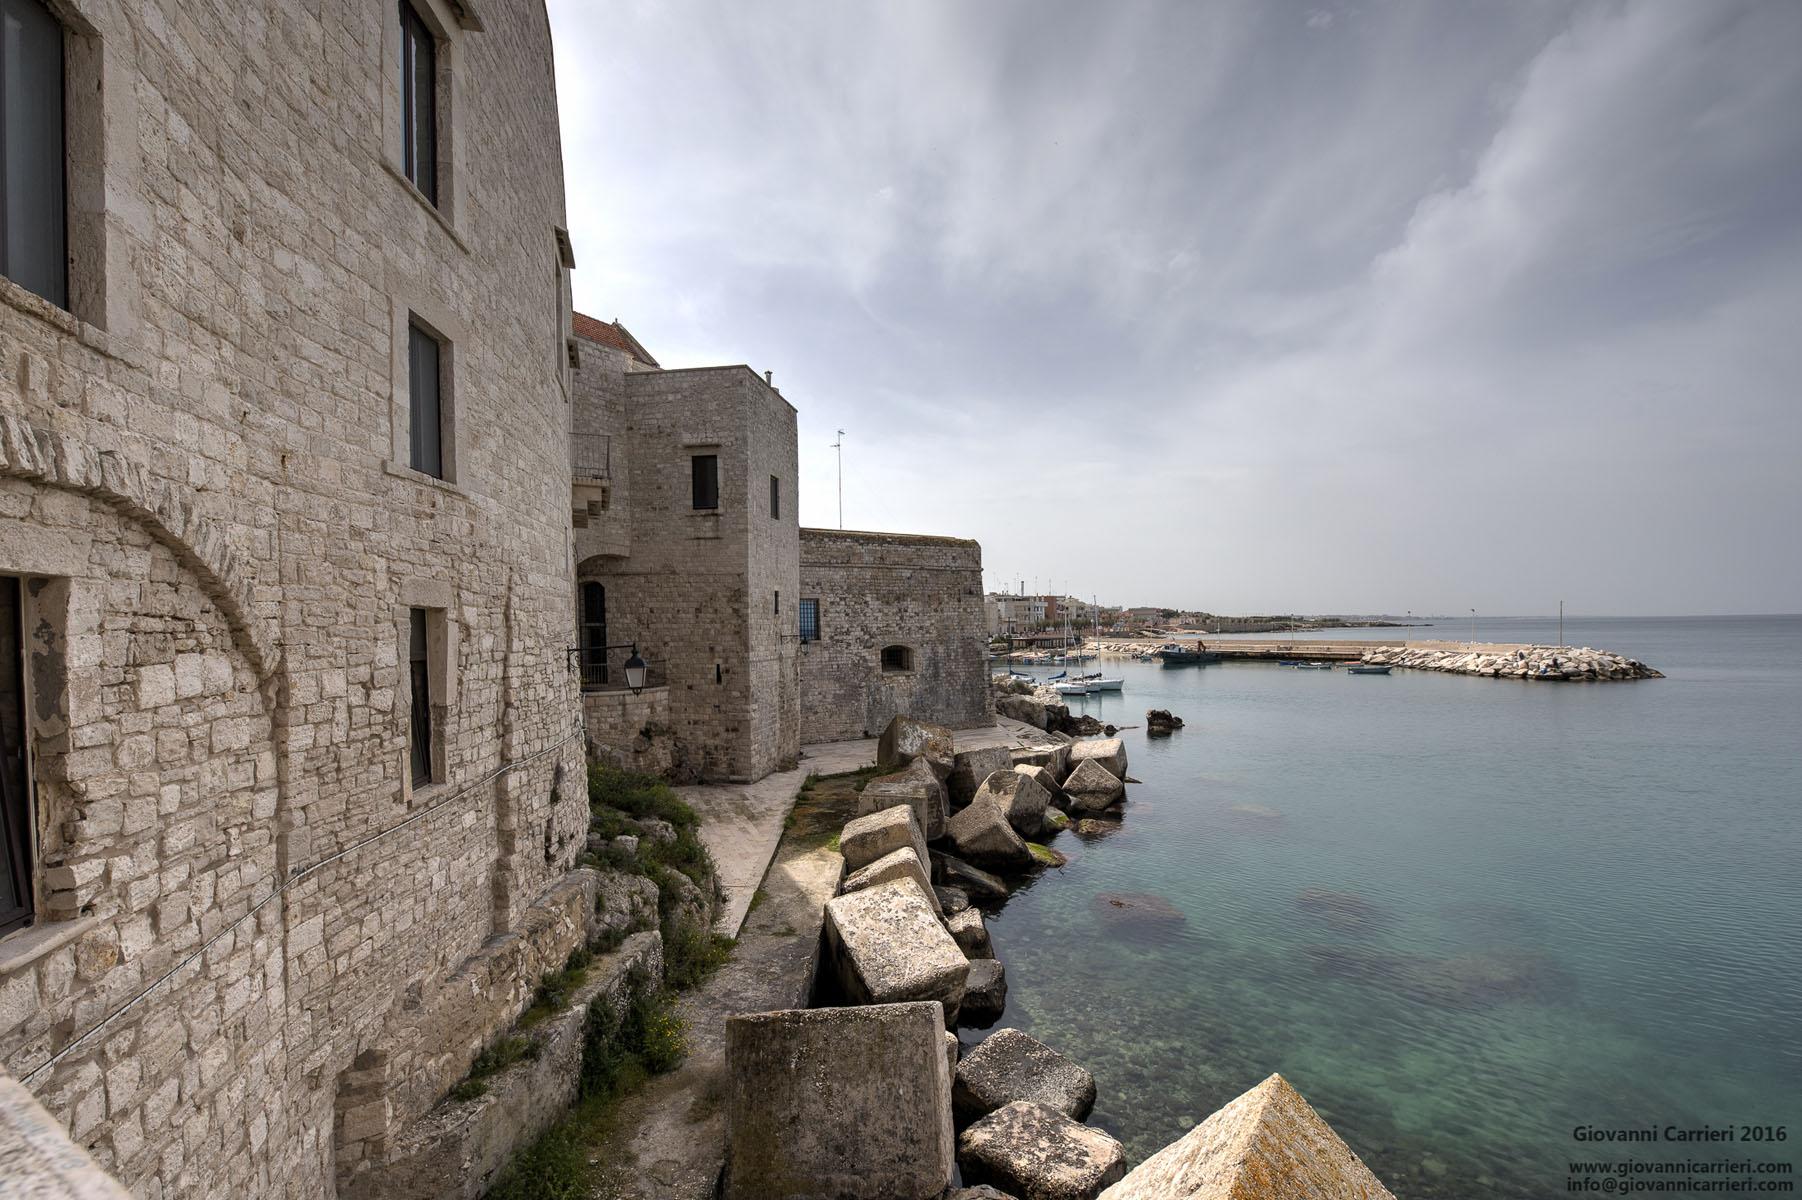 Vista del porto dalla balconata, Giovinazzo